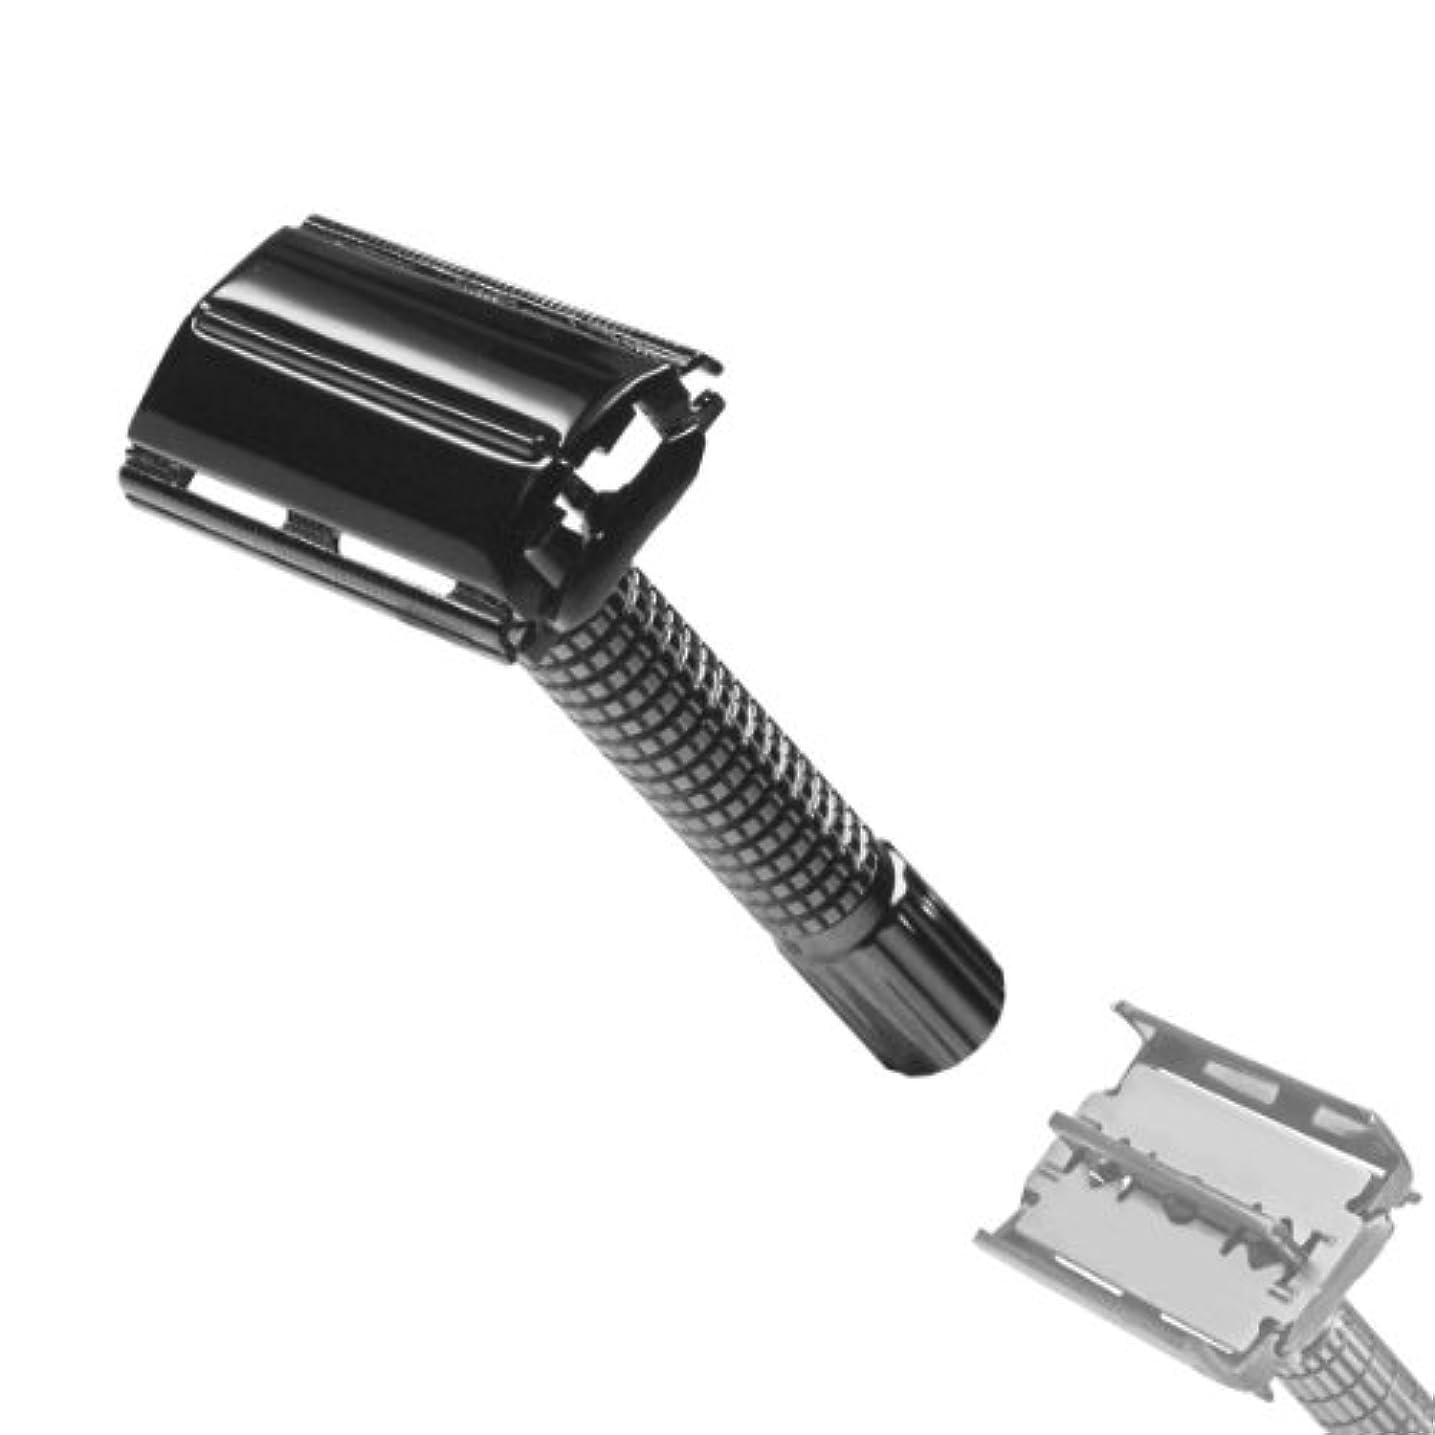 広範囲にジュラシックパーク汗RAZOLUTION TwinTop Safety razor, Butterfly system, black chrome, 8 cm